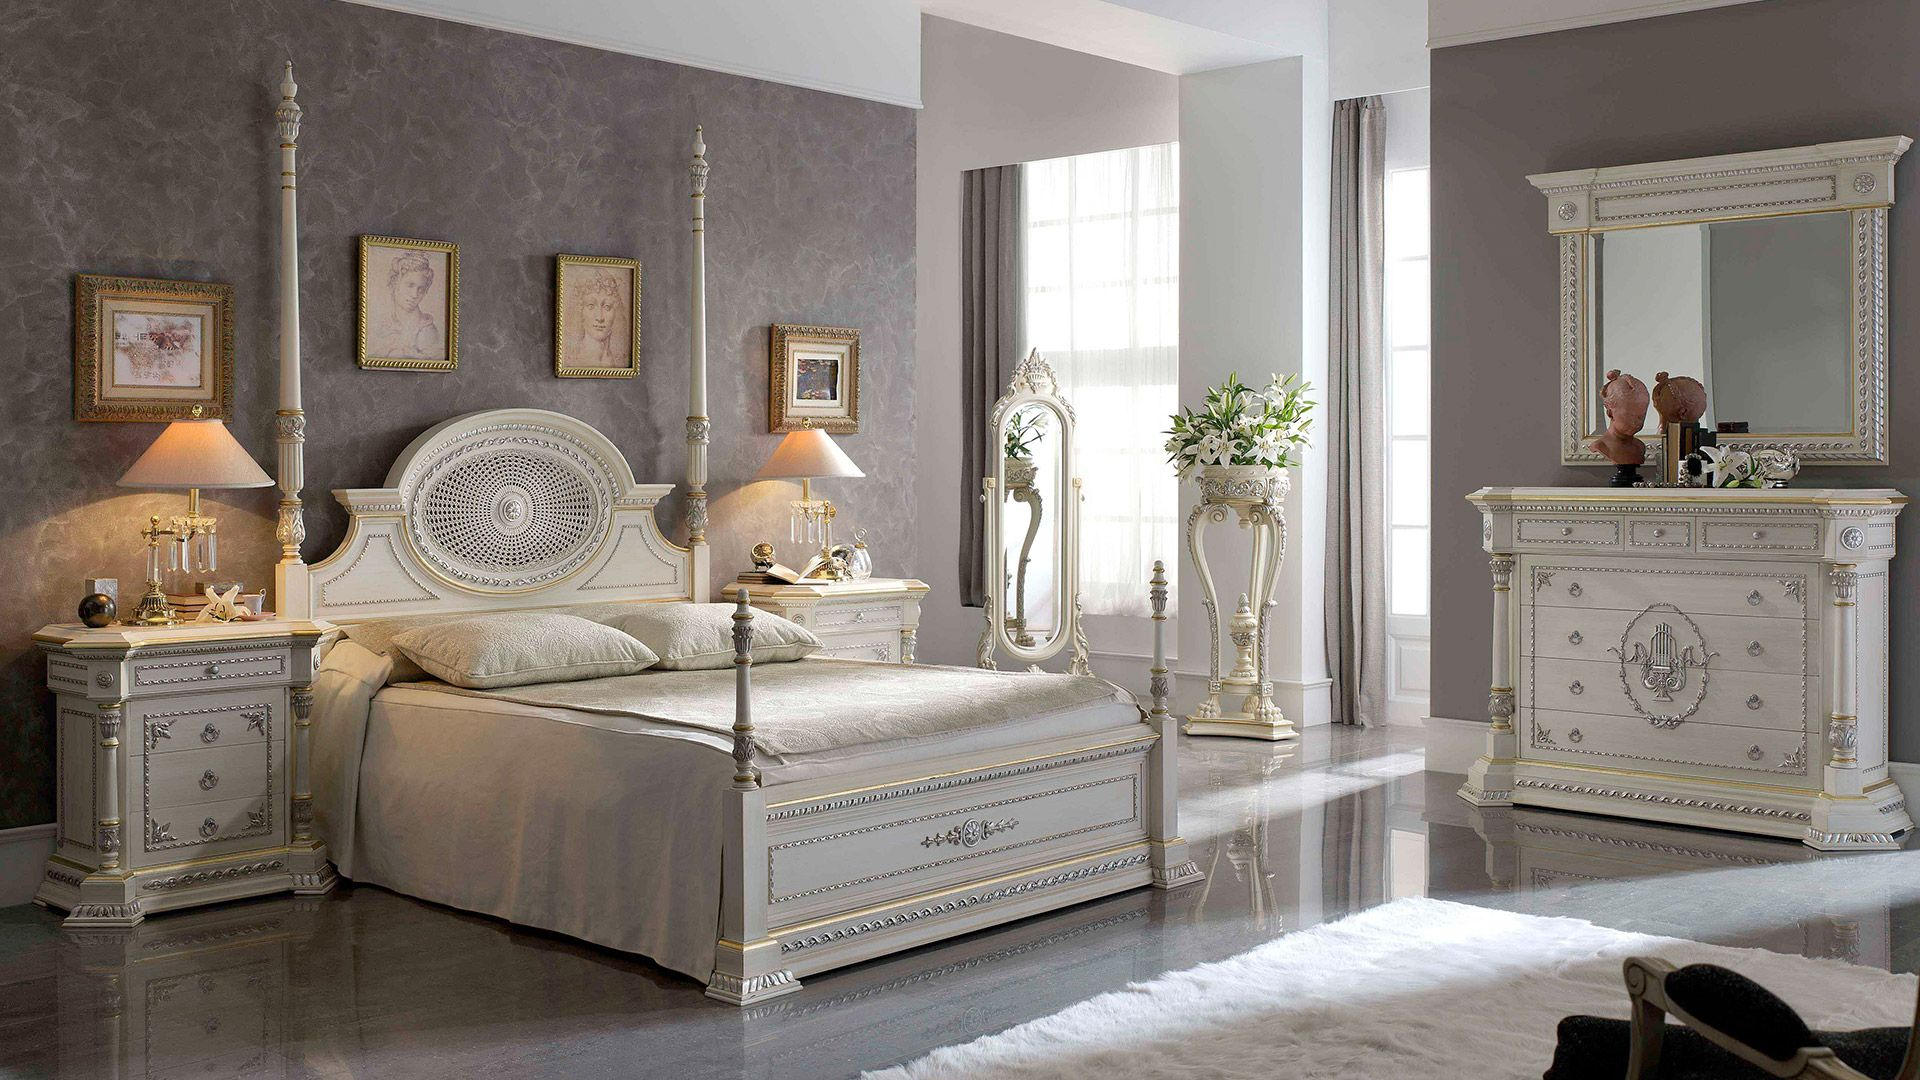 Dormitorios de lujo muebles de lujo pic bonitos - Muebles bonitos y baratos ...